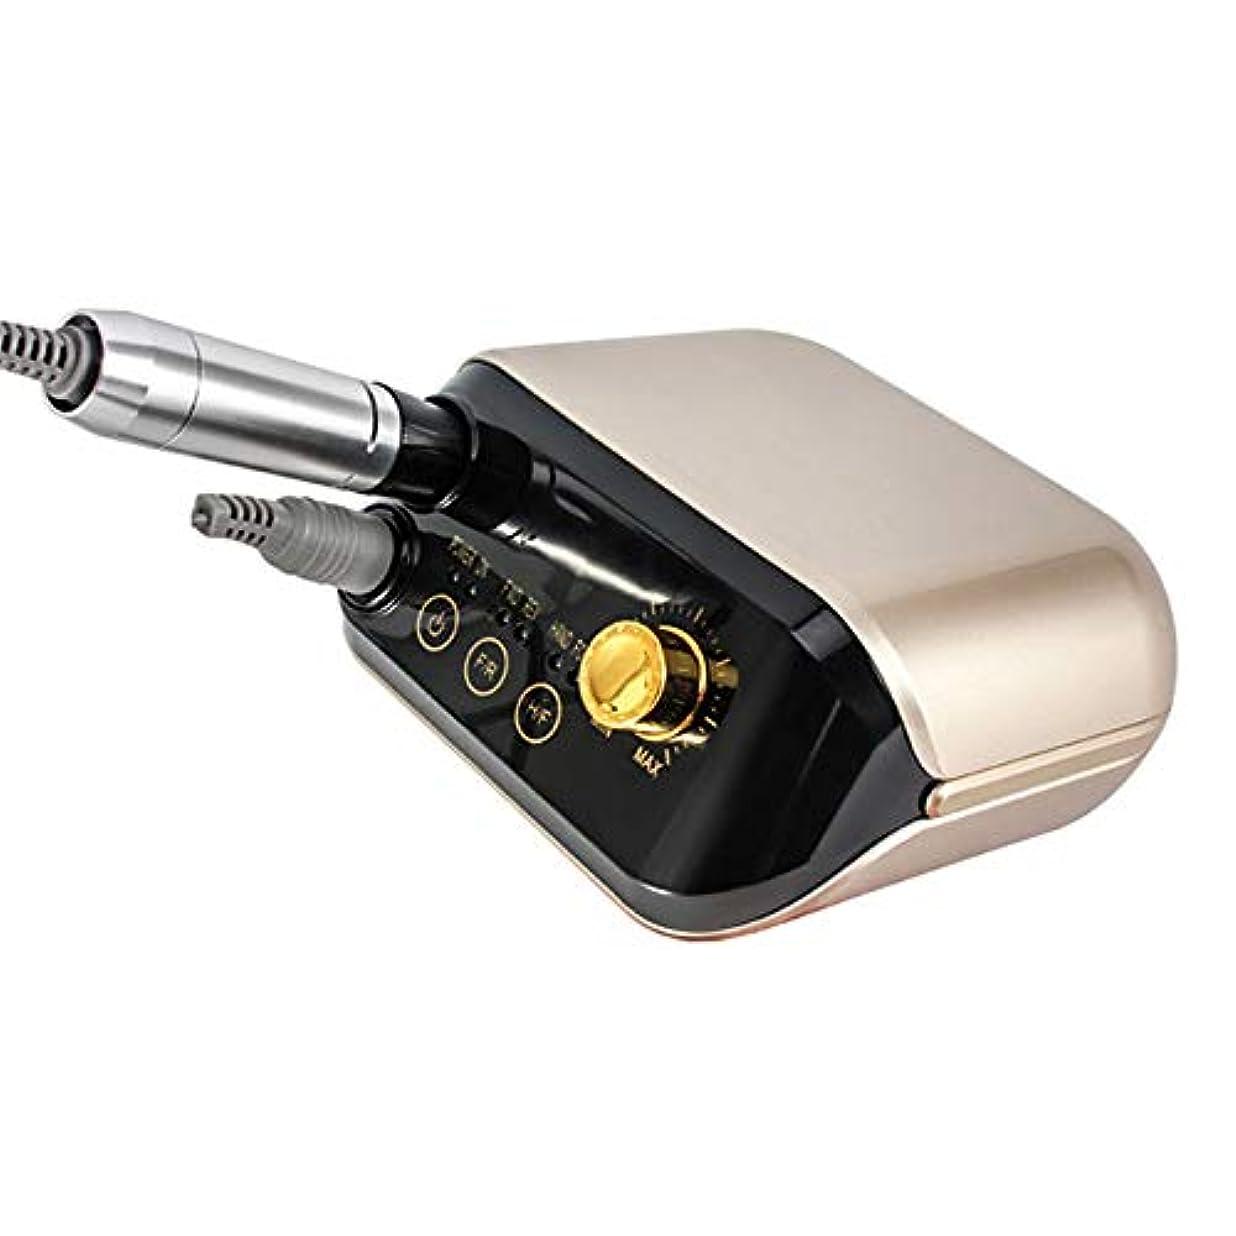 プラグ推定する文房具ネイルペディキュアマシン用ネイルドリルマニキュアマシンセット30W 25000 rpm Pro